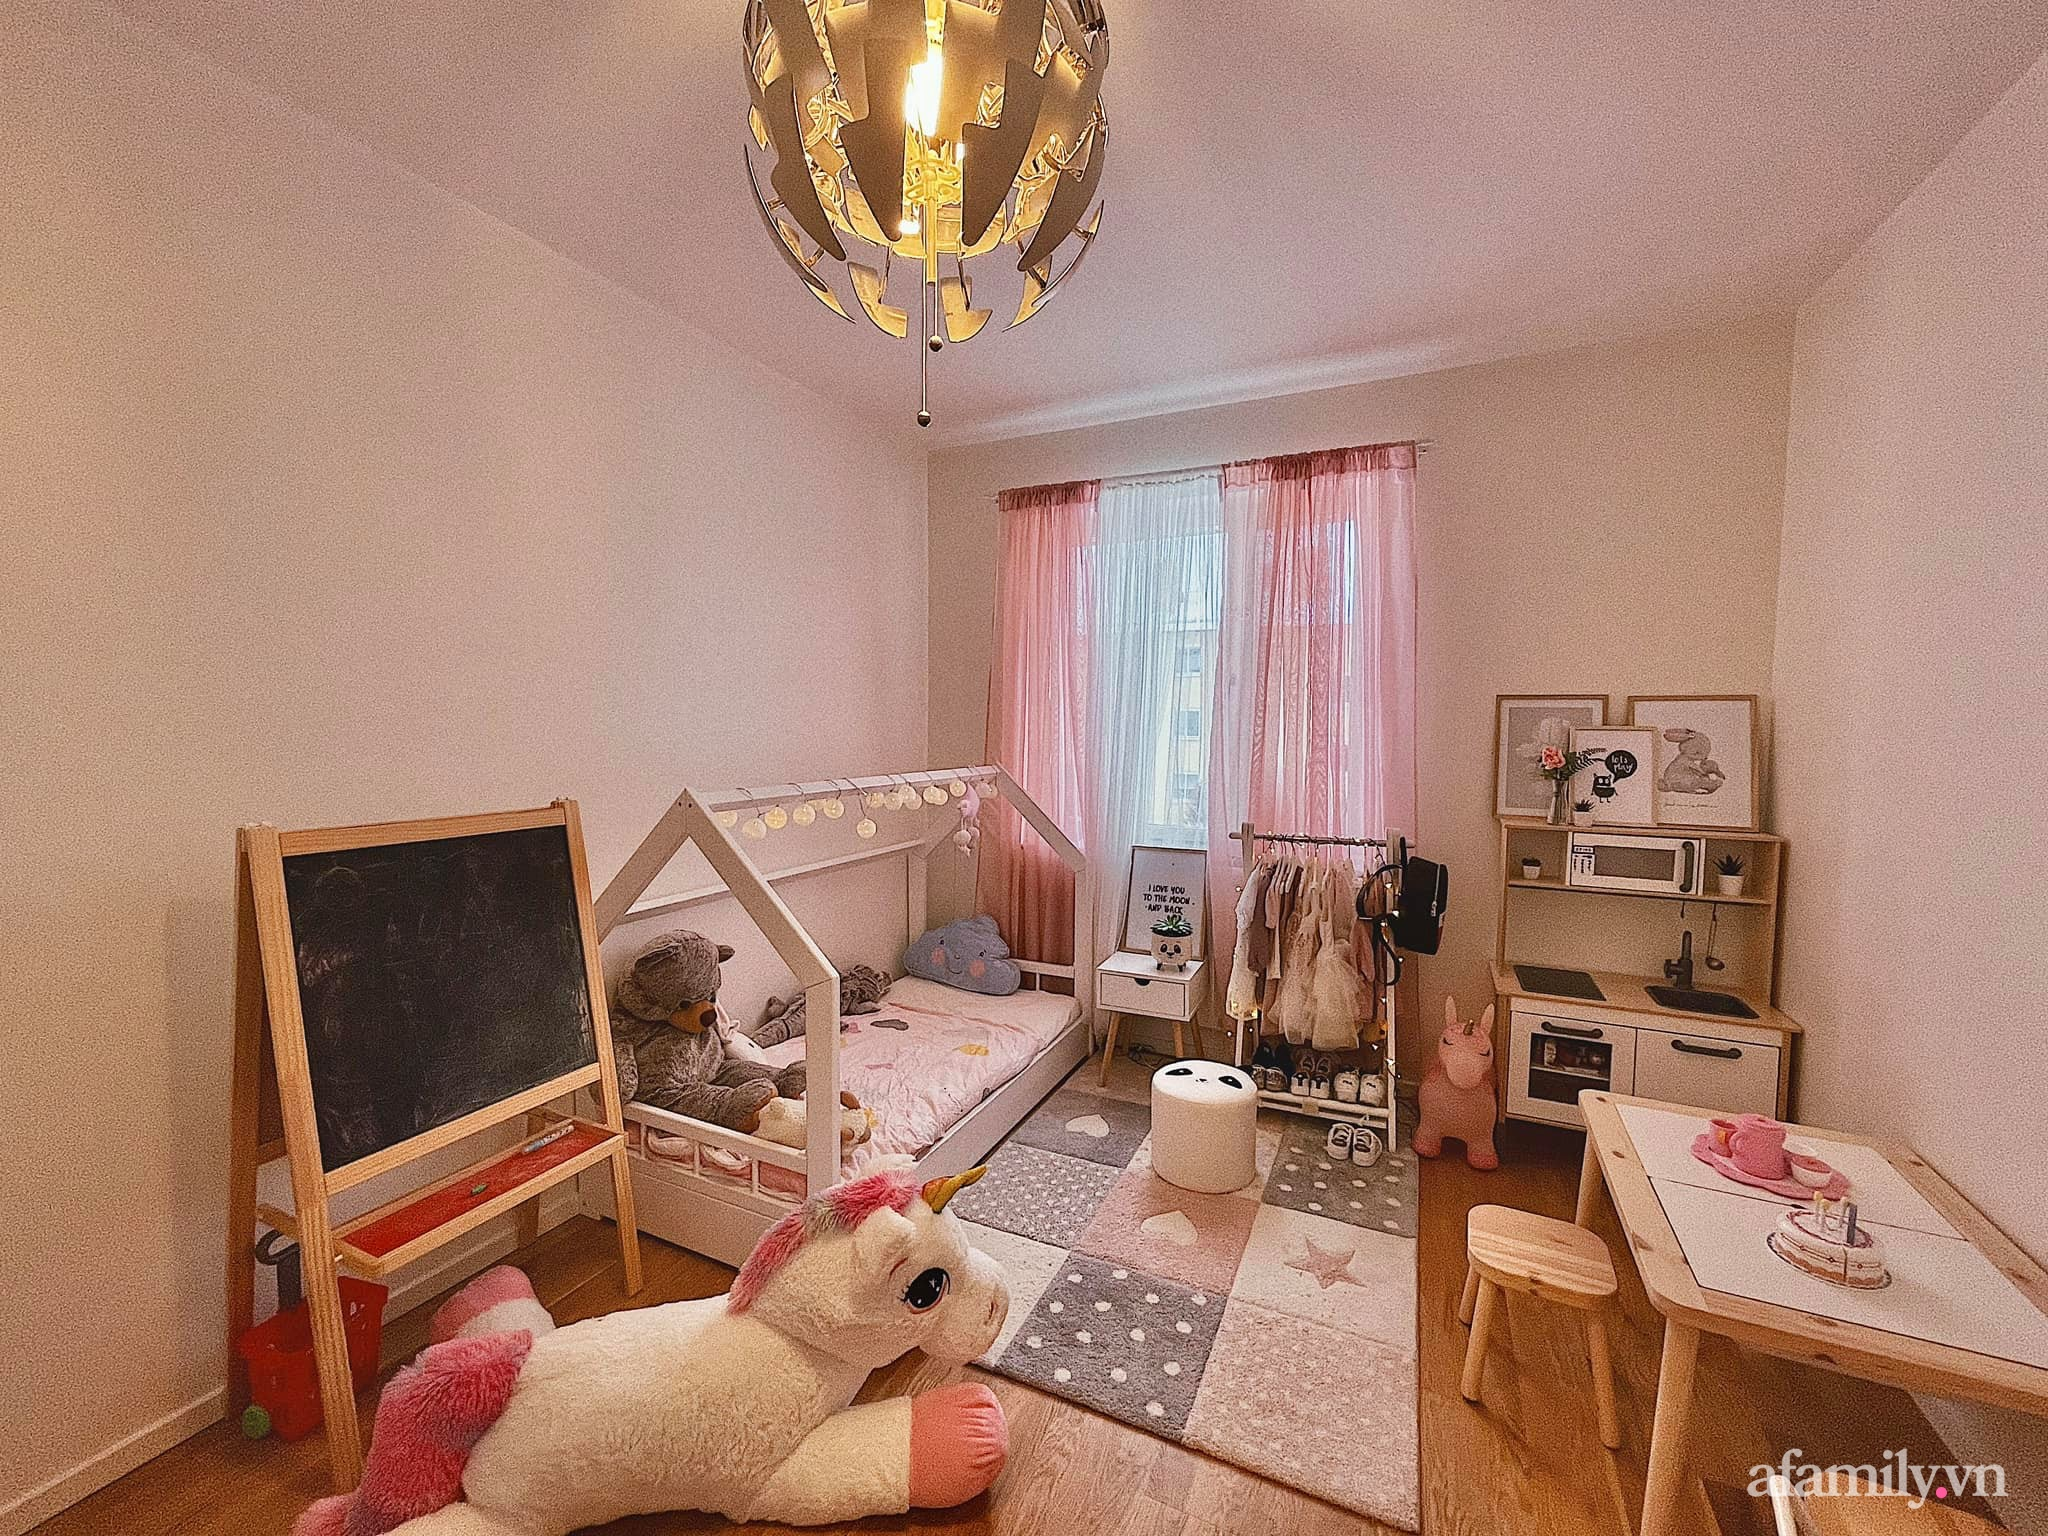 """Căn phòng màu hồng ngọt ngào """"lịm tim"""" bố mẹ thiết kế dành tặng con gái 3 tuổi - Ảnh 9."""